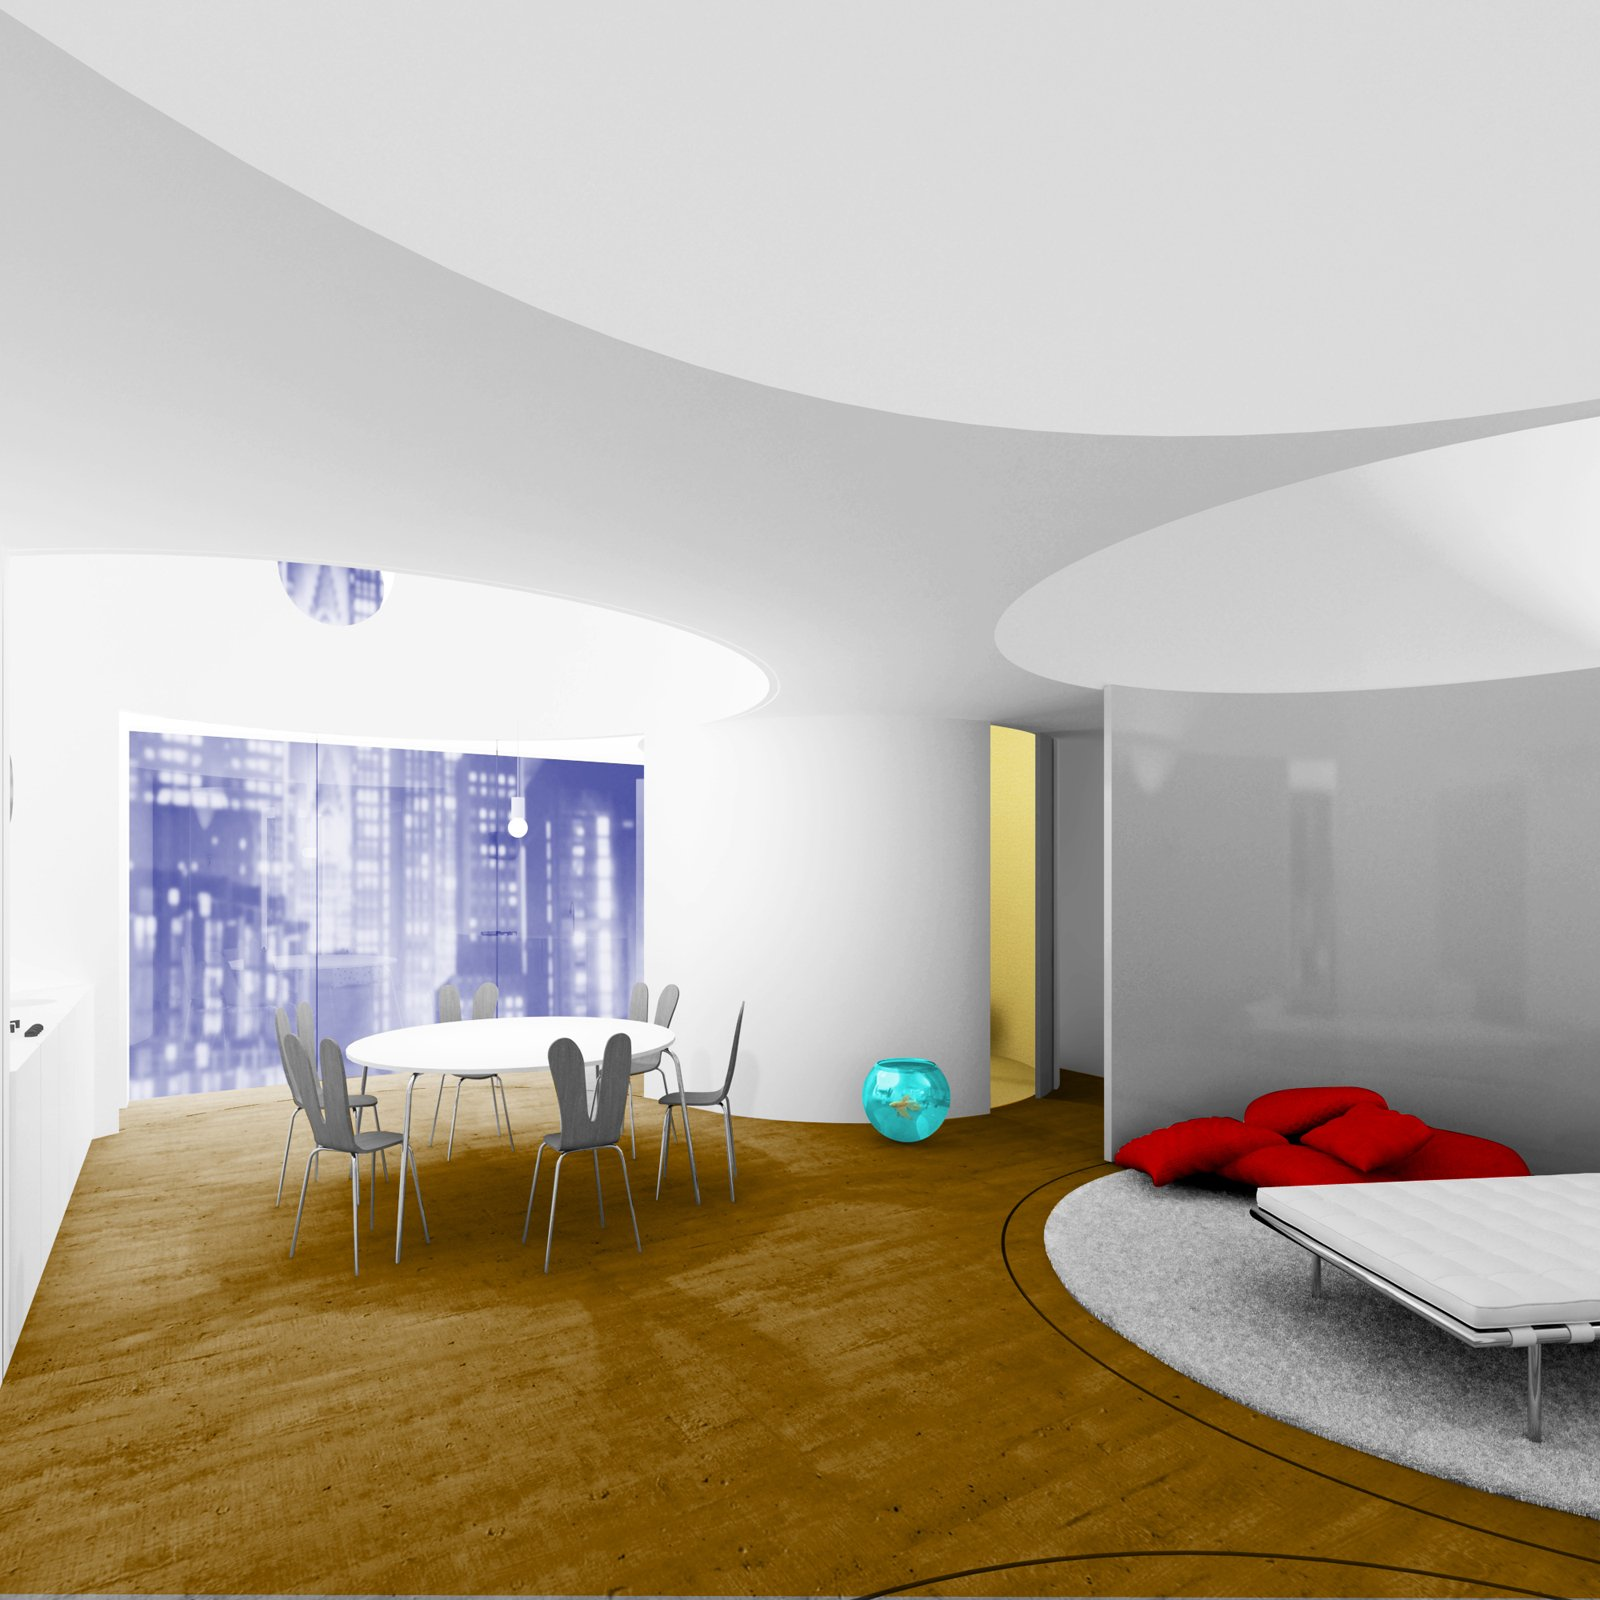 Pareti mobili per definire gli ambienti cose di casa for Elementi divisori per interni